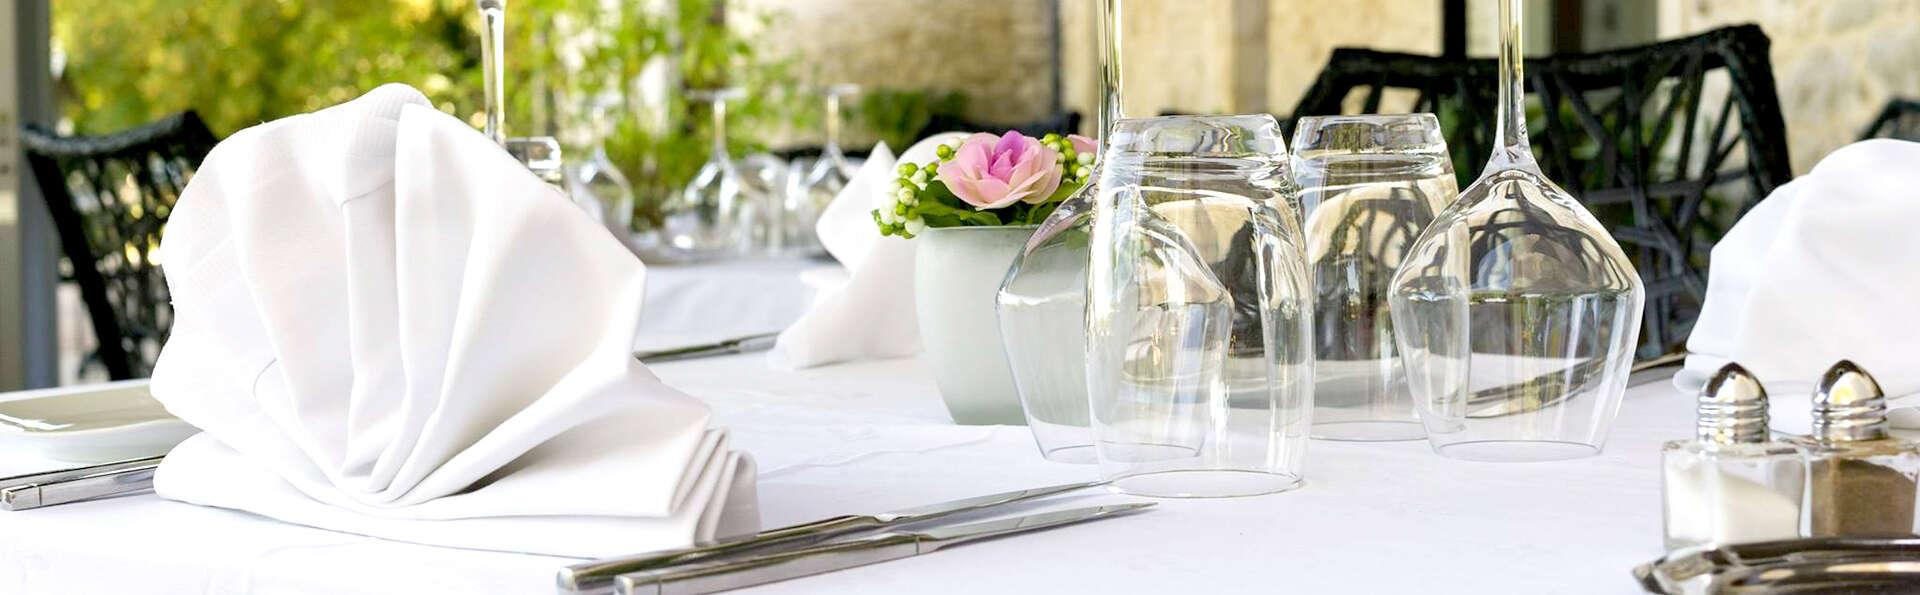 Week-end détente avec dîner gastronomique, dans un château en Dordogne, à côté de Sarlat